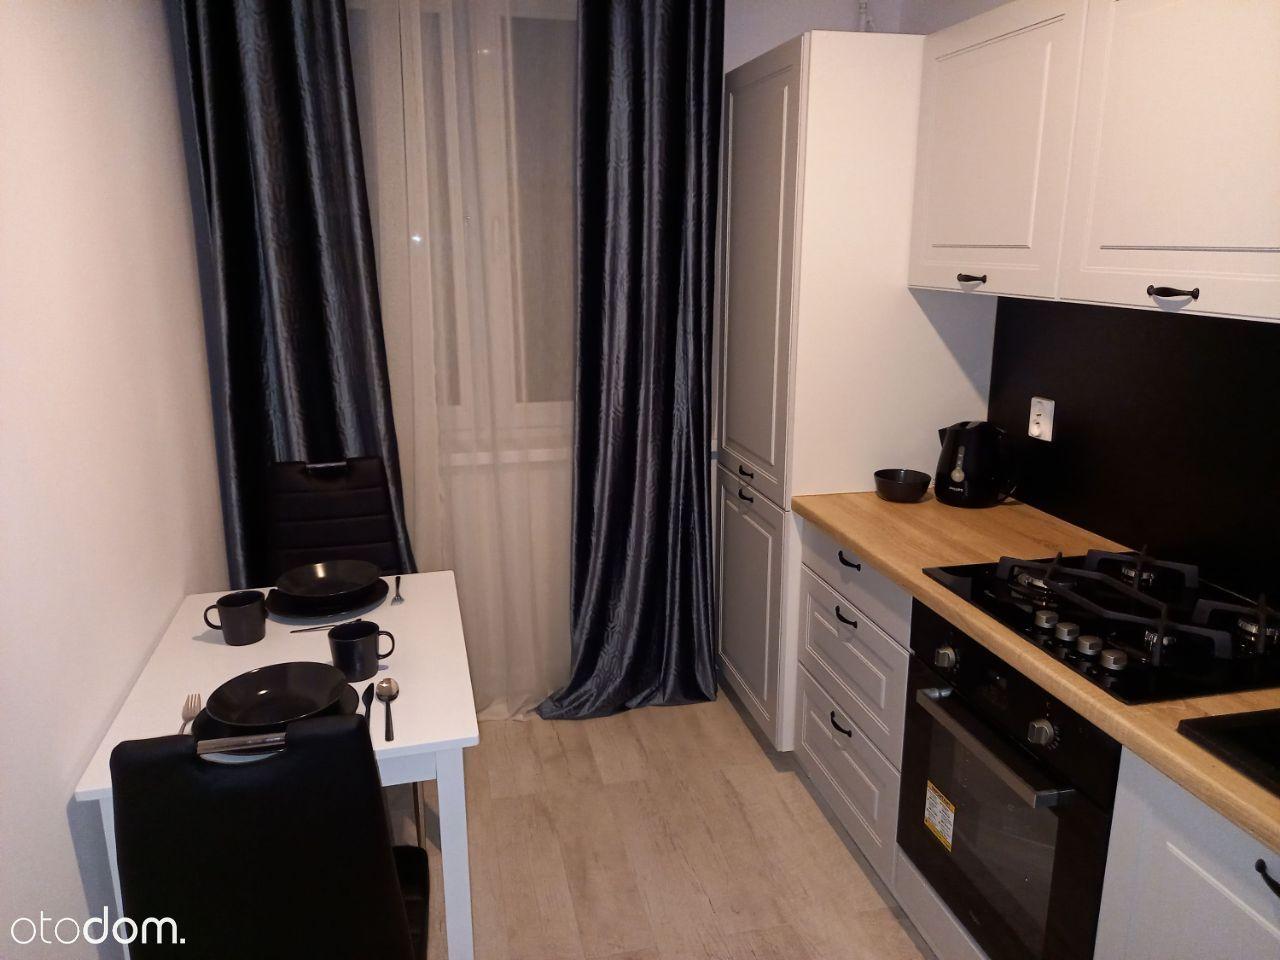 Piękne ciche mieszkanie, wyposażone Wyżyny 42,42m